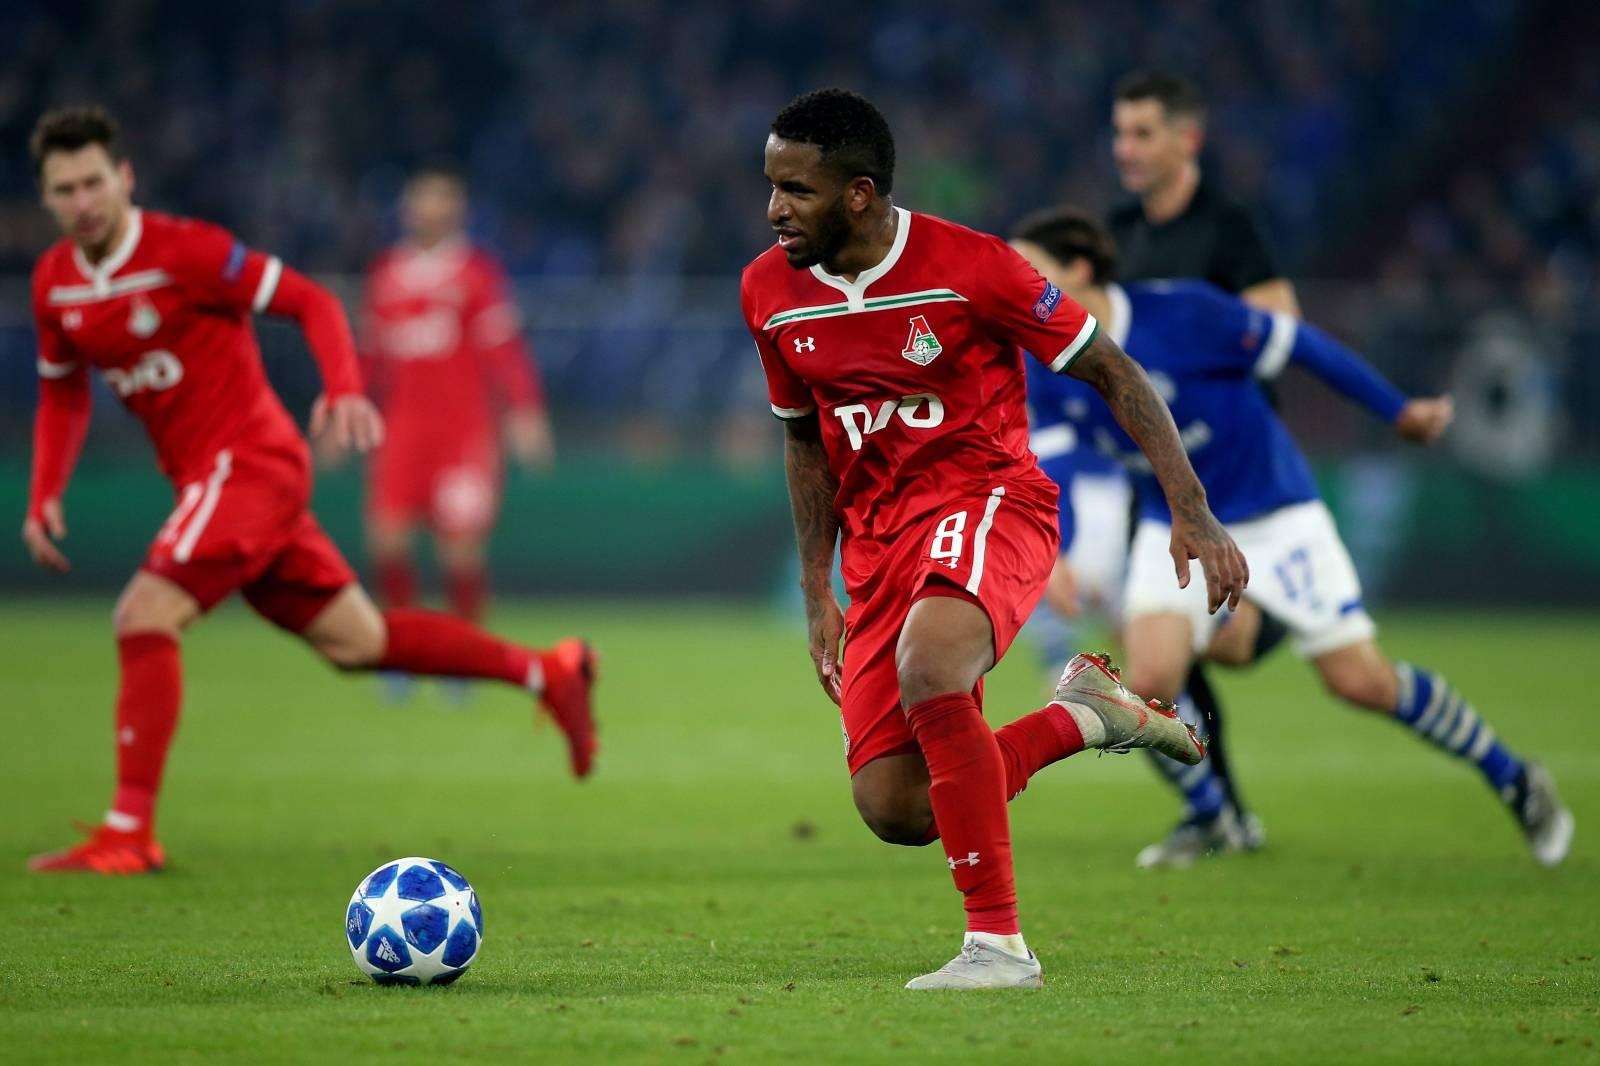 Gelsenkirchen, firo: 11.12.2018, Football, Champions League, Season 2018/2019, FC Schalke 04 - Lokomotiv Moscow,